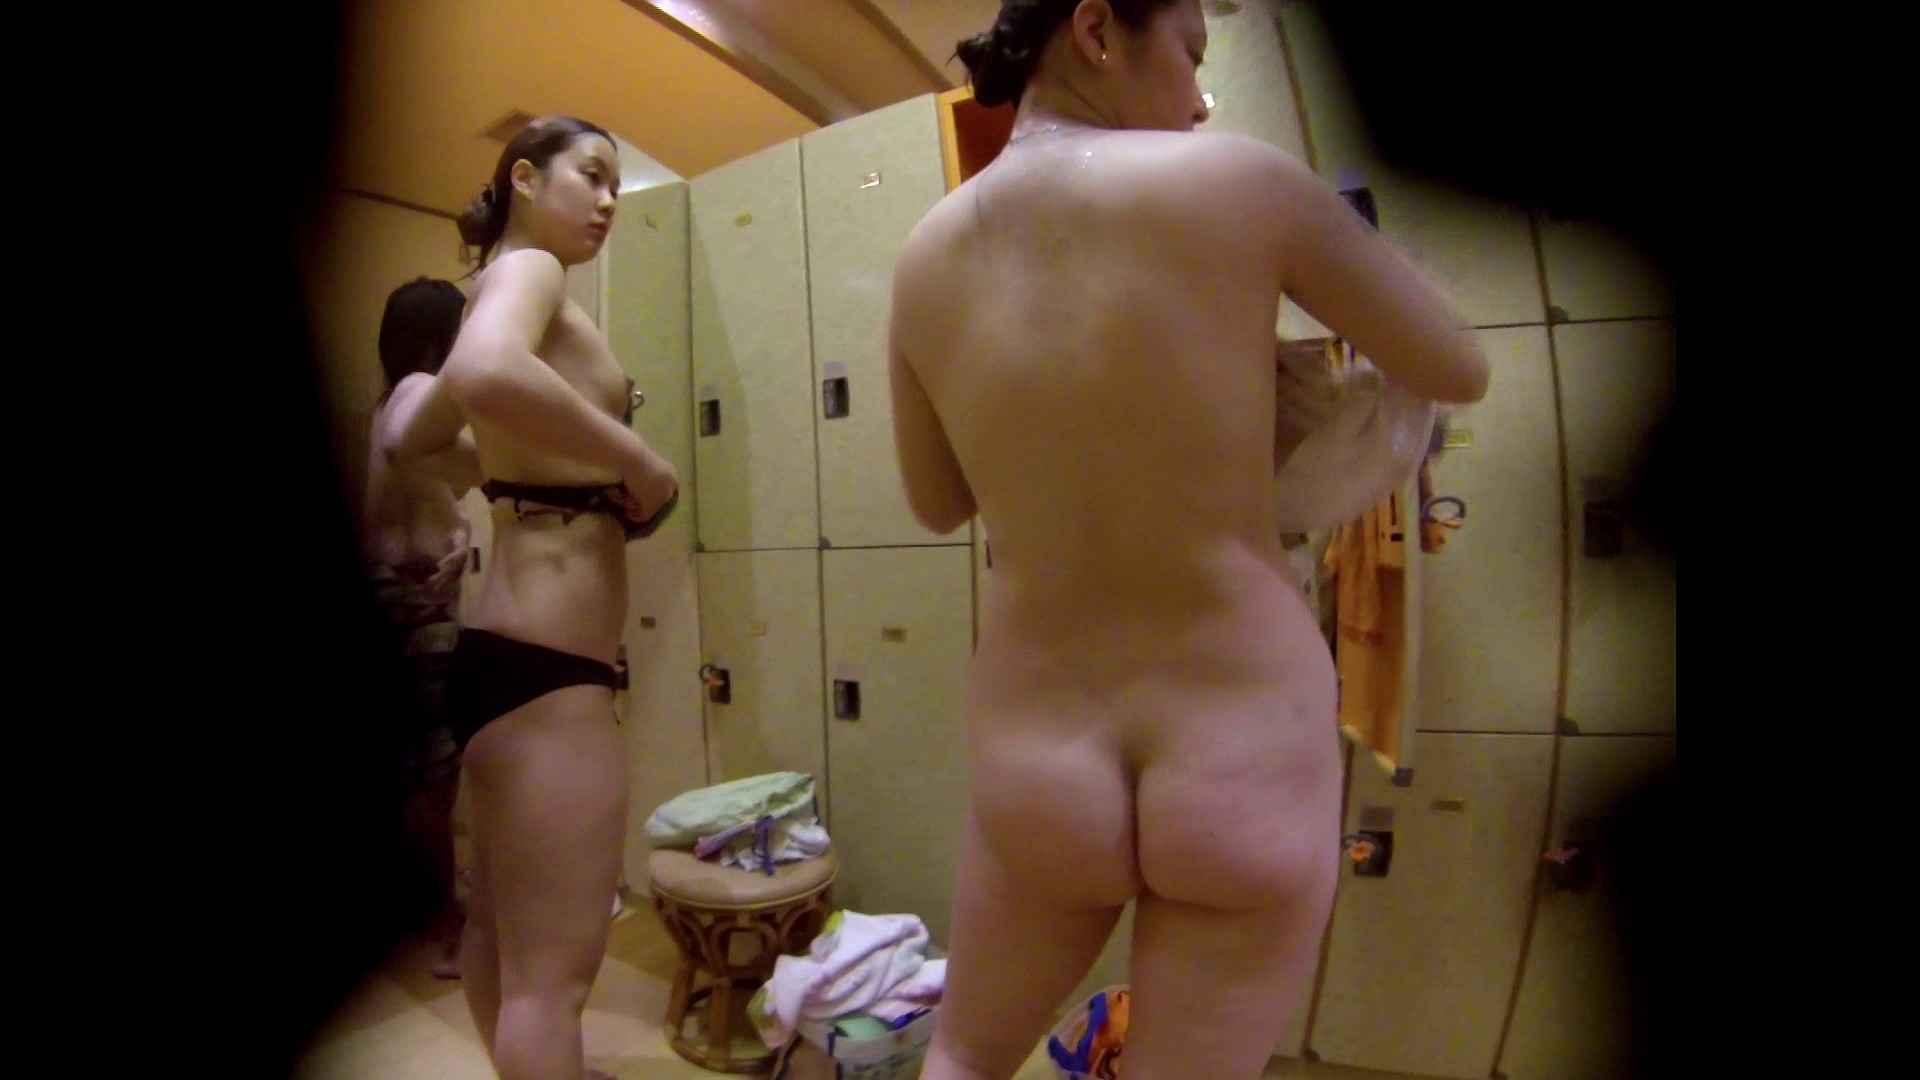 追い撮り!脱衣~洗い場、徹底追跡!撮り師さんに拍手!! むっちり体型 われめAV動画紹介 78画像 67